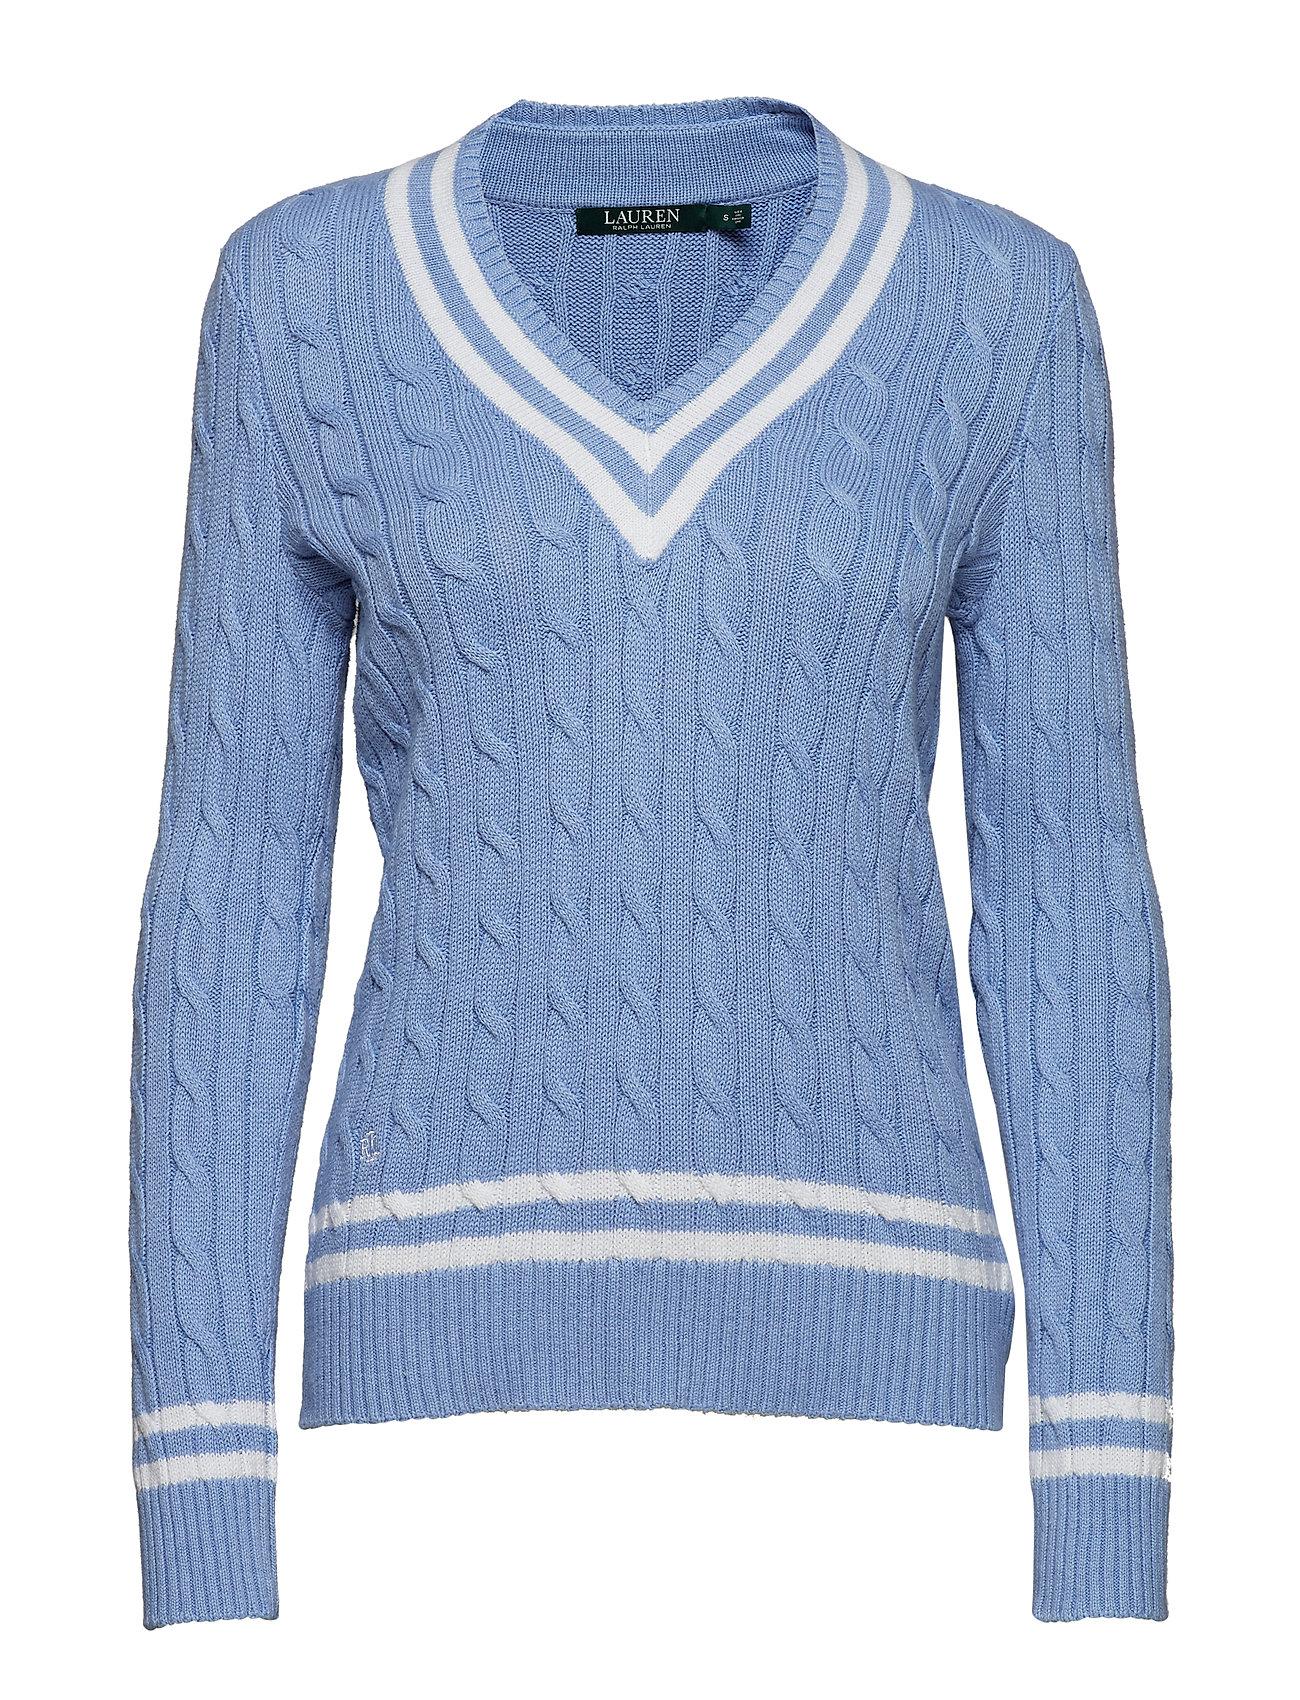 Super Soft Cotton-ls Cricket (Hydrangea silk Wh) (149 €) - Lauren ... 93c20088df